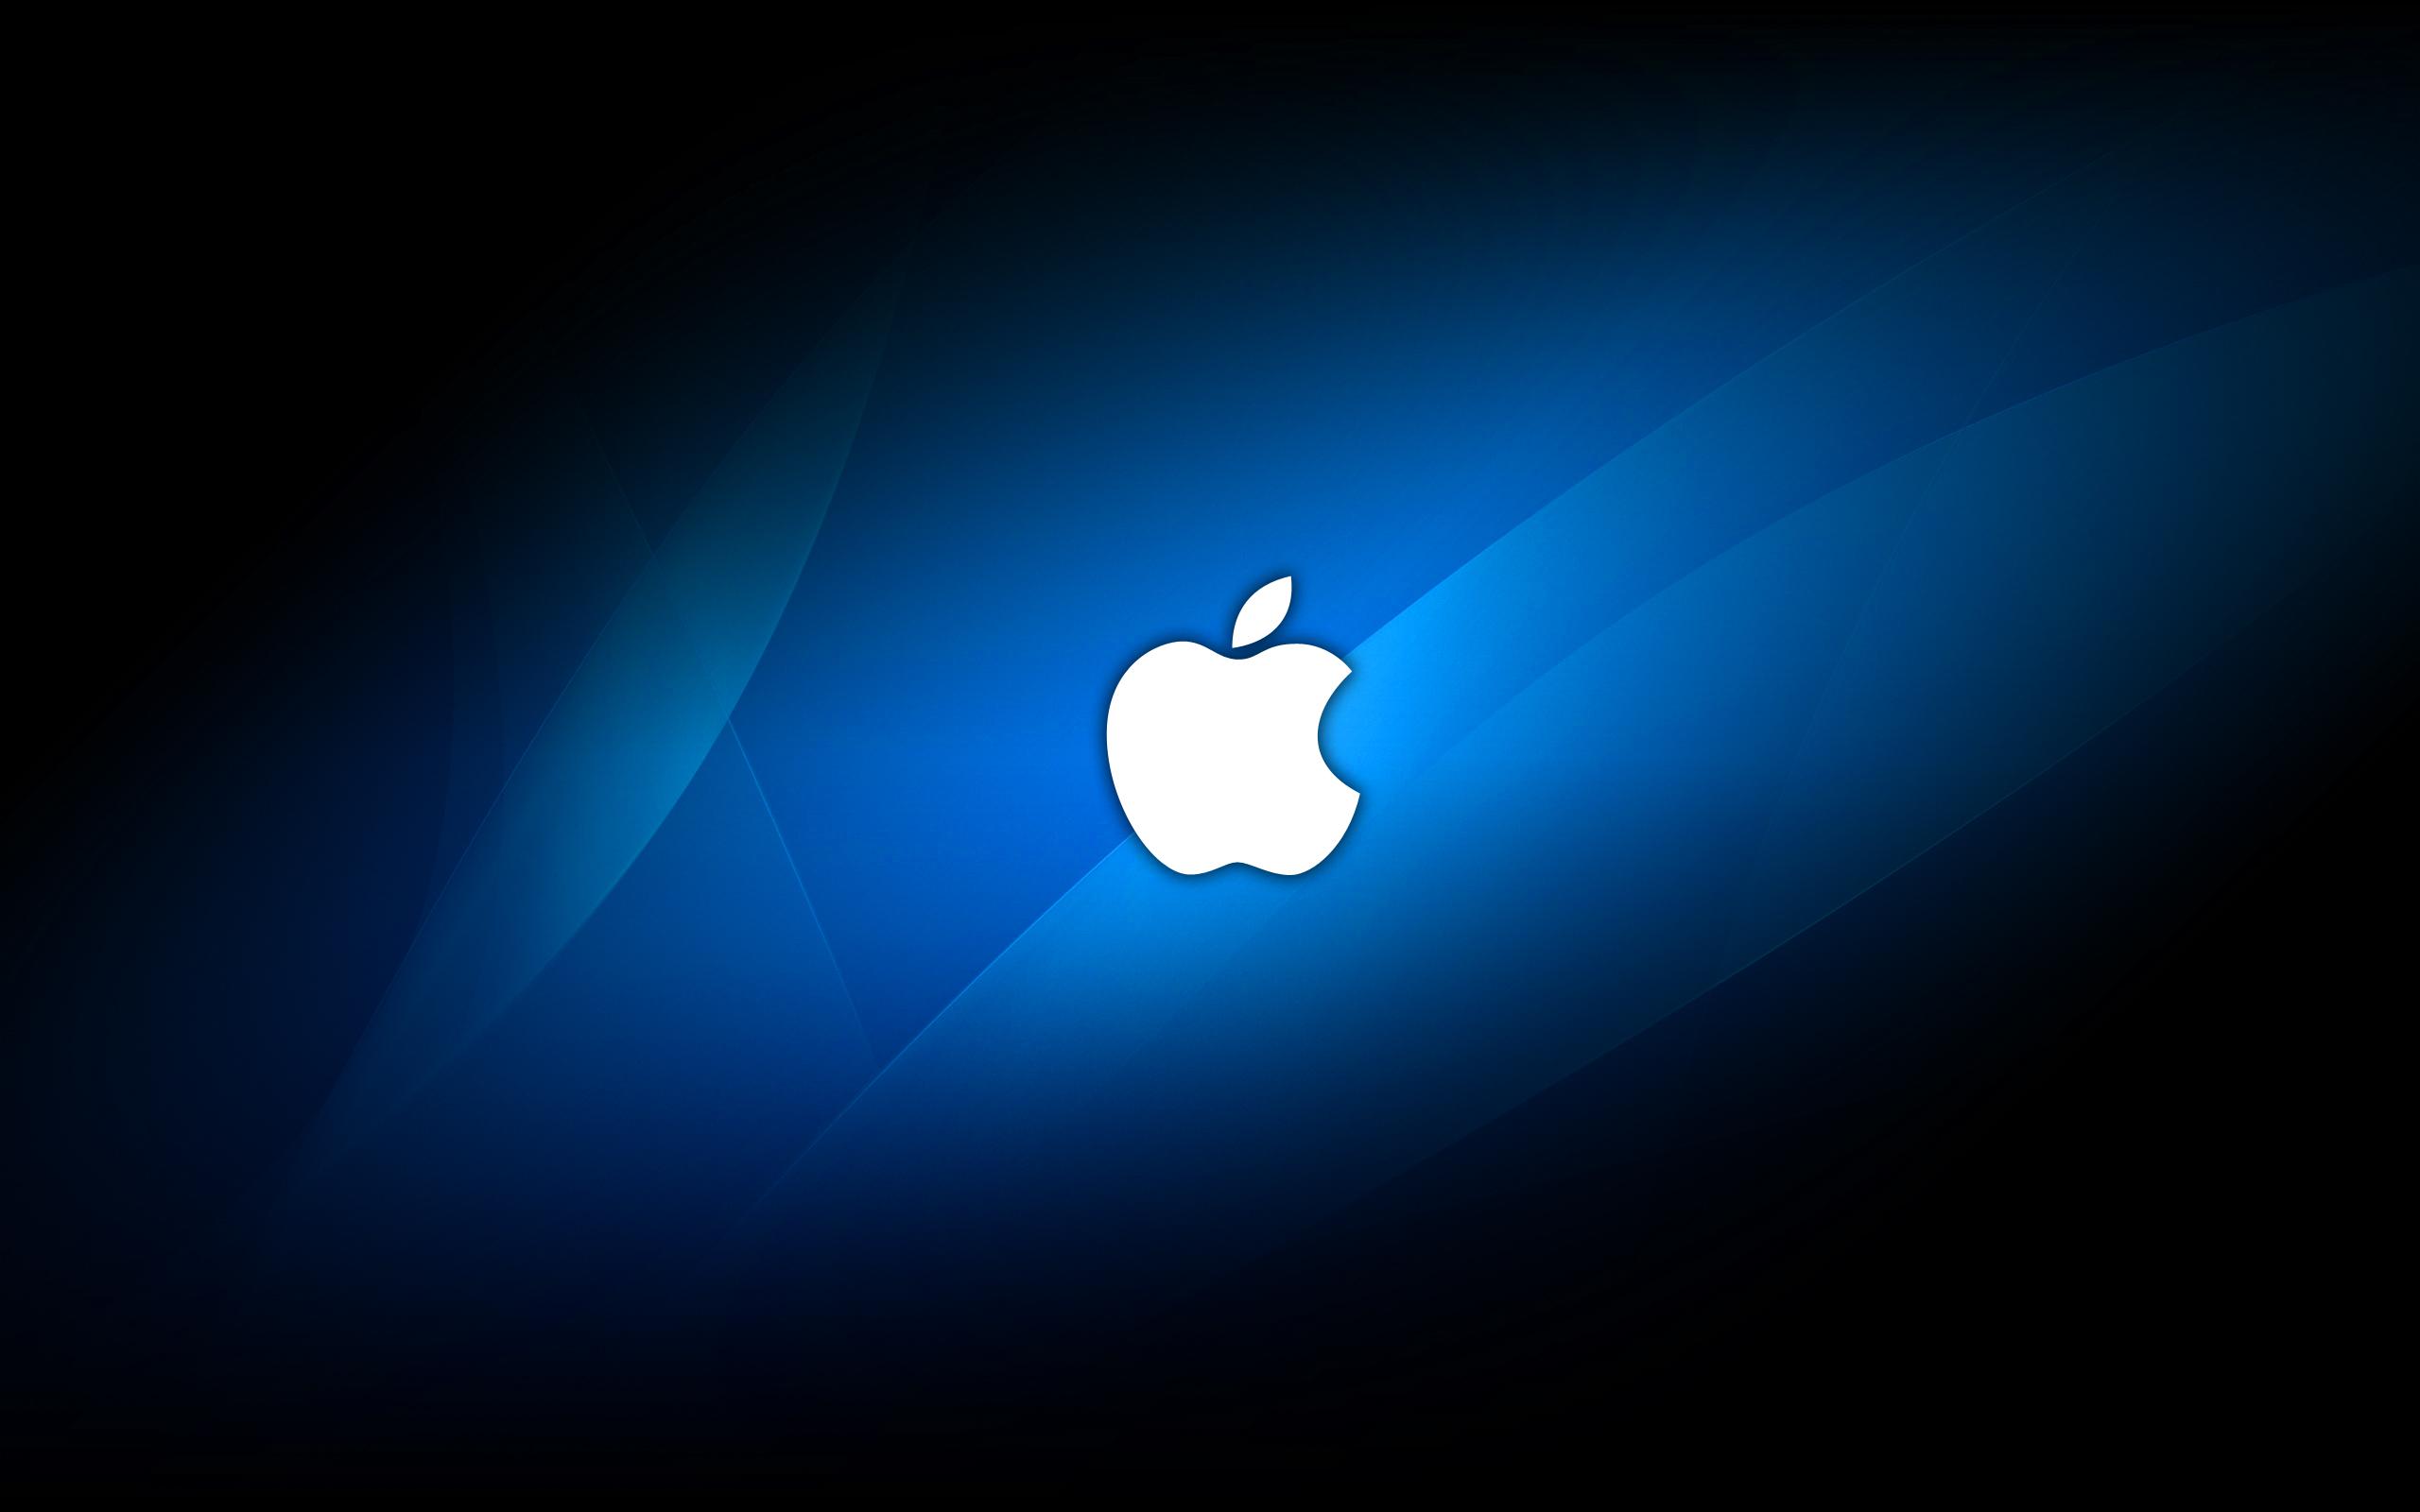 Apple presentará nuevos productos el 9 de septiembre